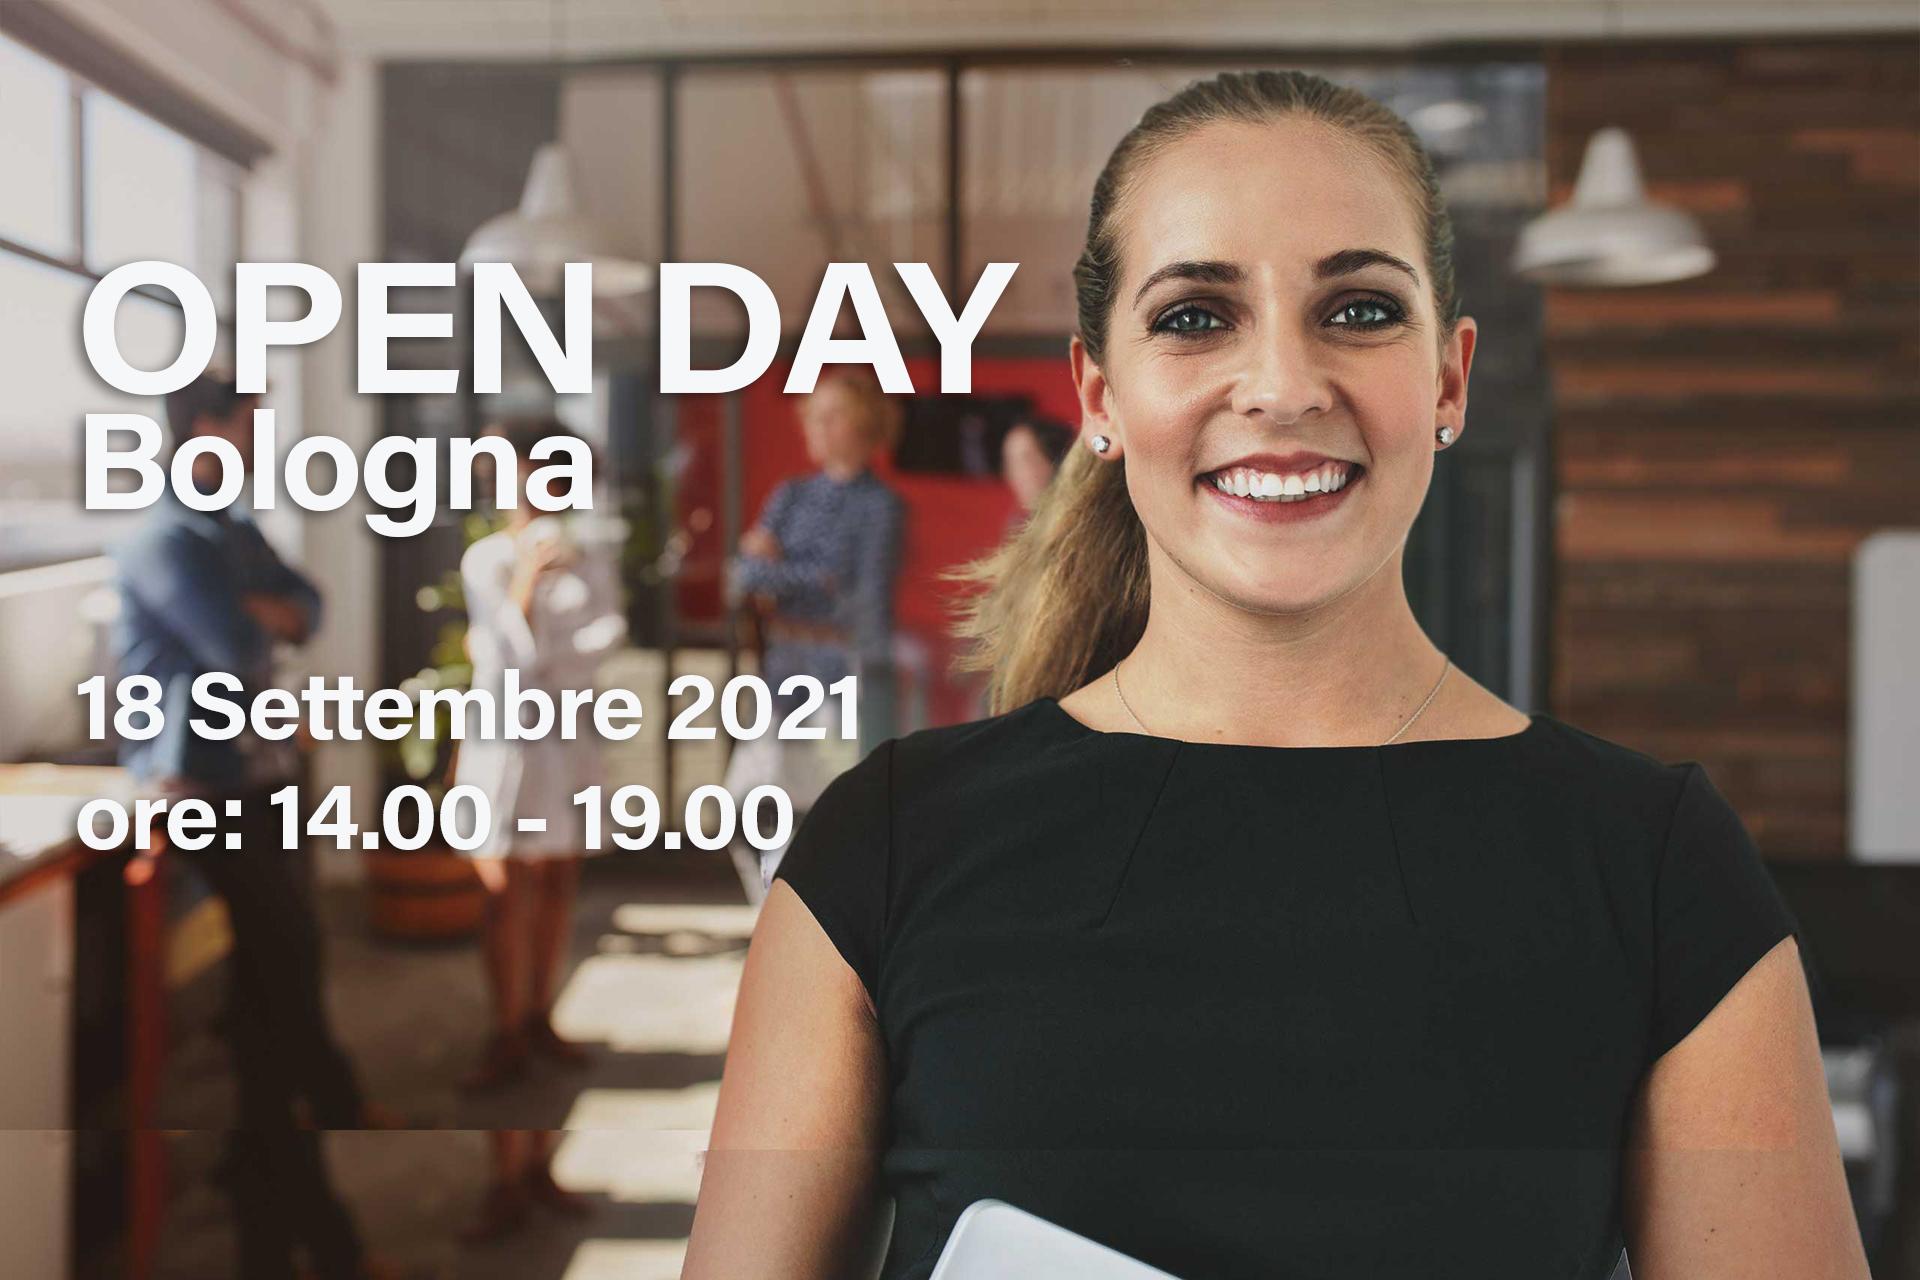 Hallo Open Day Bologna